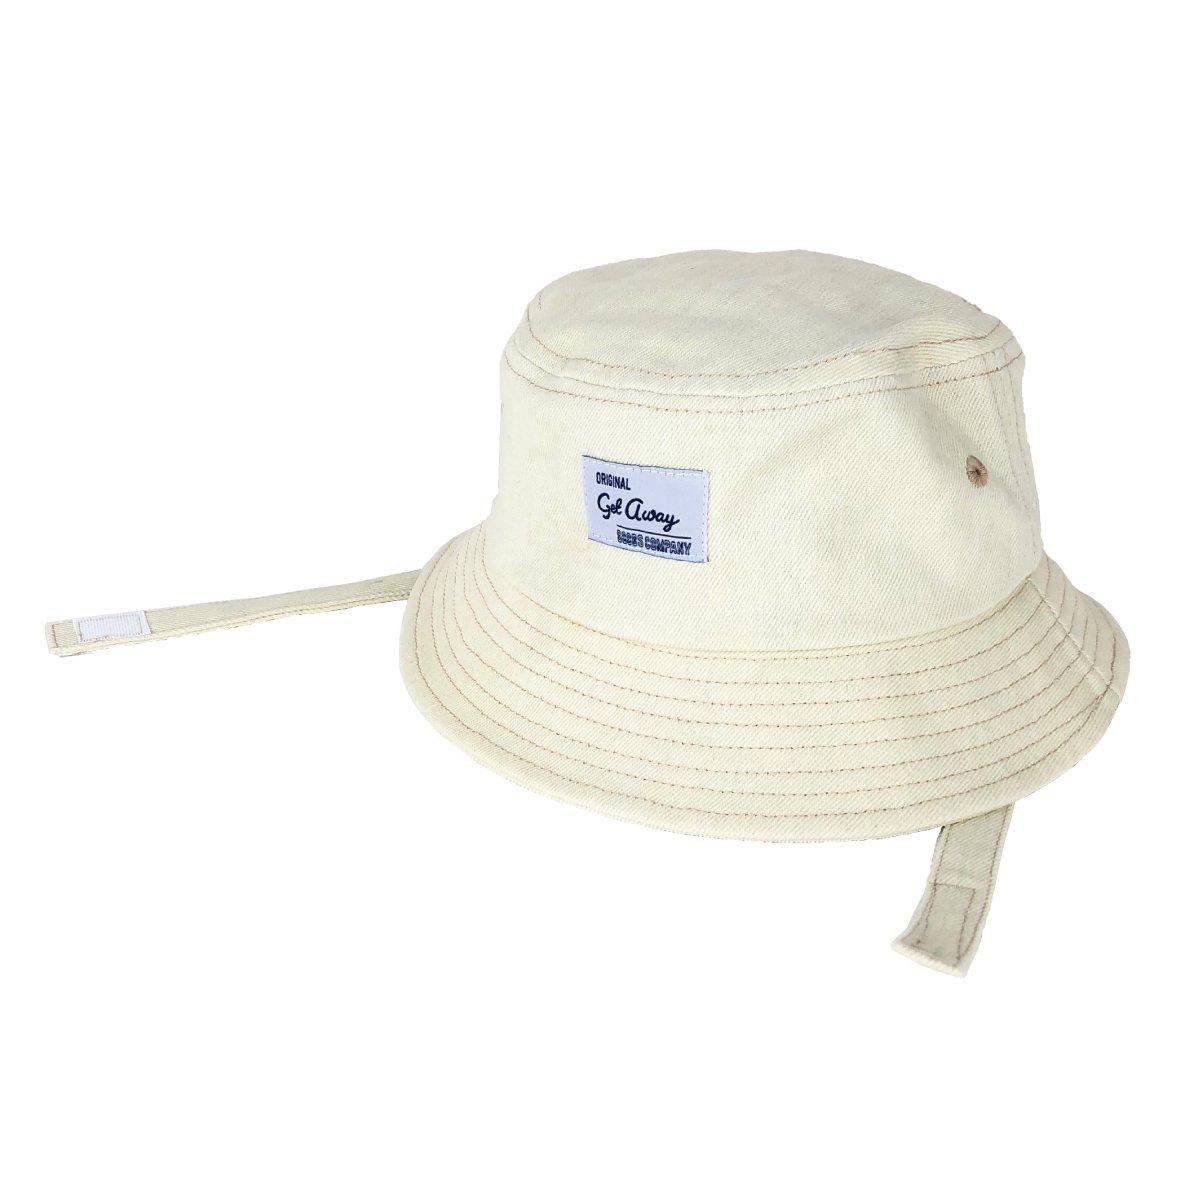 【BABY】Denim Wash Hat 詳細画像4